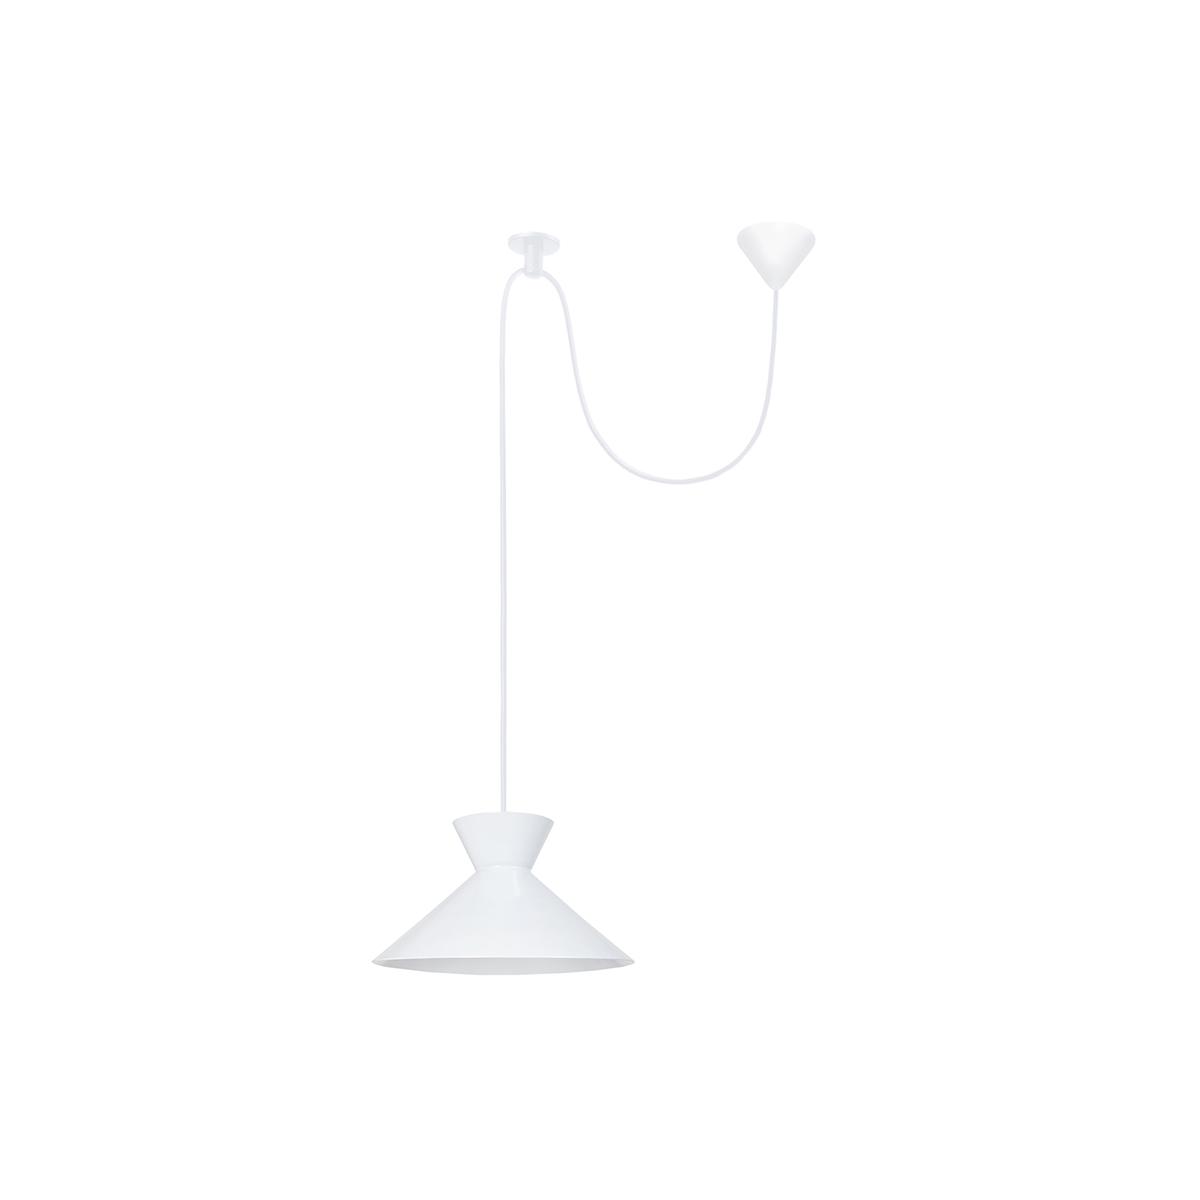 Lampadario design in metallo Bianco LEEDS